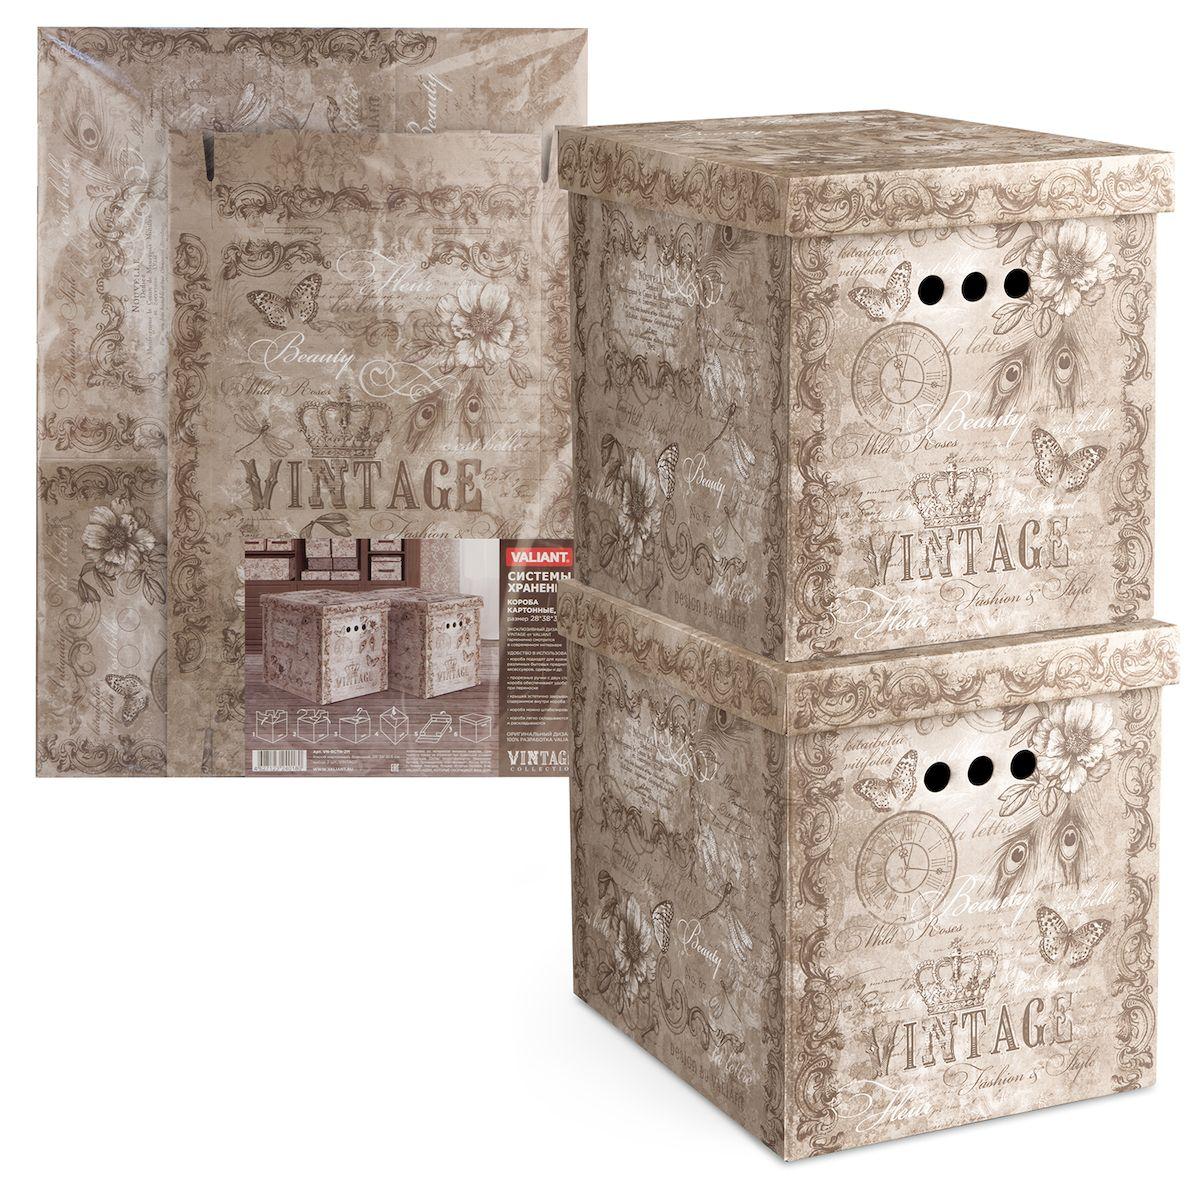 Короб для хранения Valiant Vintage, складной, 28 х 38 х 31,5 см, 2 штVN-BCTN-2MКороб для хранения Valiant Vintage изготовлен из картона. Изделие легко и быстро складывается. Оснащен крышкой и тремя отверстиями, которые позволяют удобно его выдвигать. Такой короб прекрасно подойдет для хранения бытовых мелочей, аксессуаров для рукоделия и других мелких предметов. С ним все мелкие вещи будут храниться аккуратно и не потеряются. Высота изделия: 31,5 см.Длина короба: 38 см.Ширина короба: 28 см.